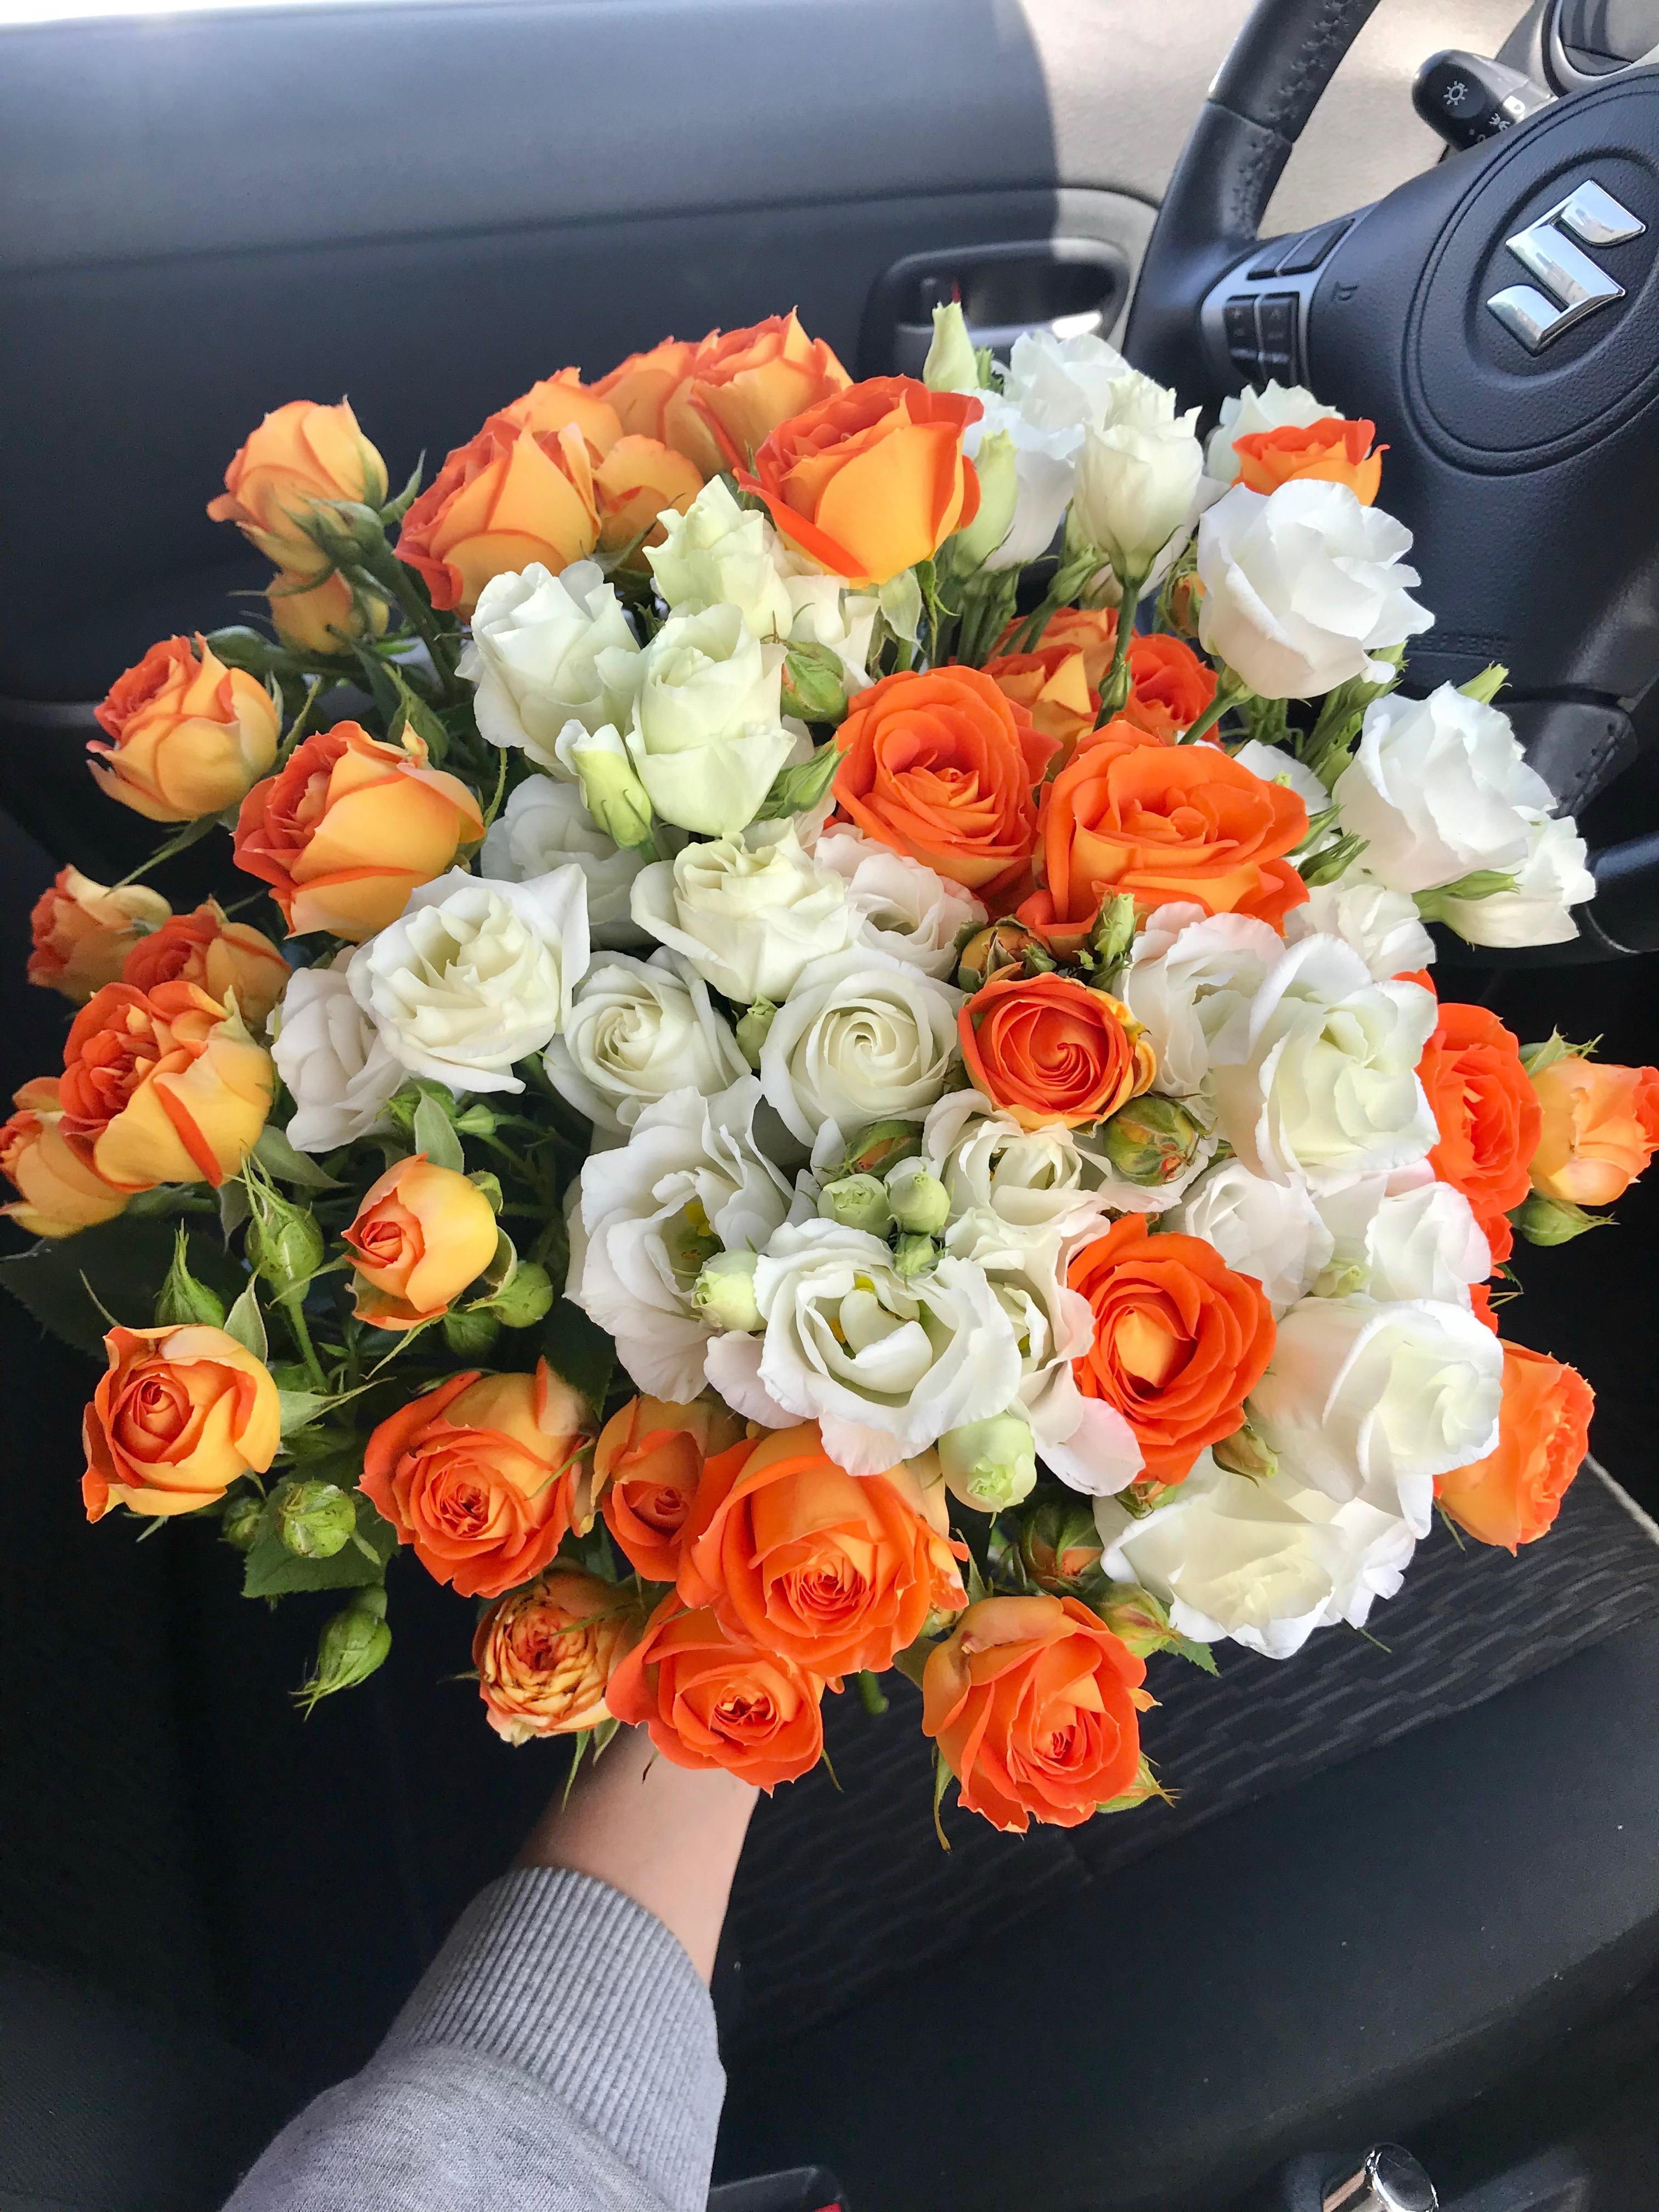 bukiet urodzinowy dekorka katowice florytstka wesele